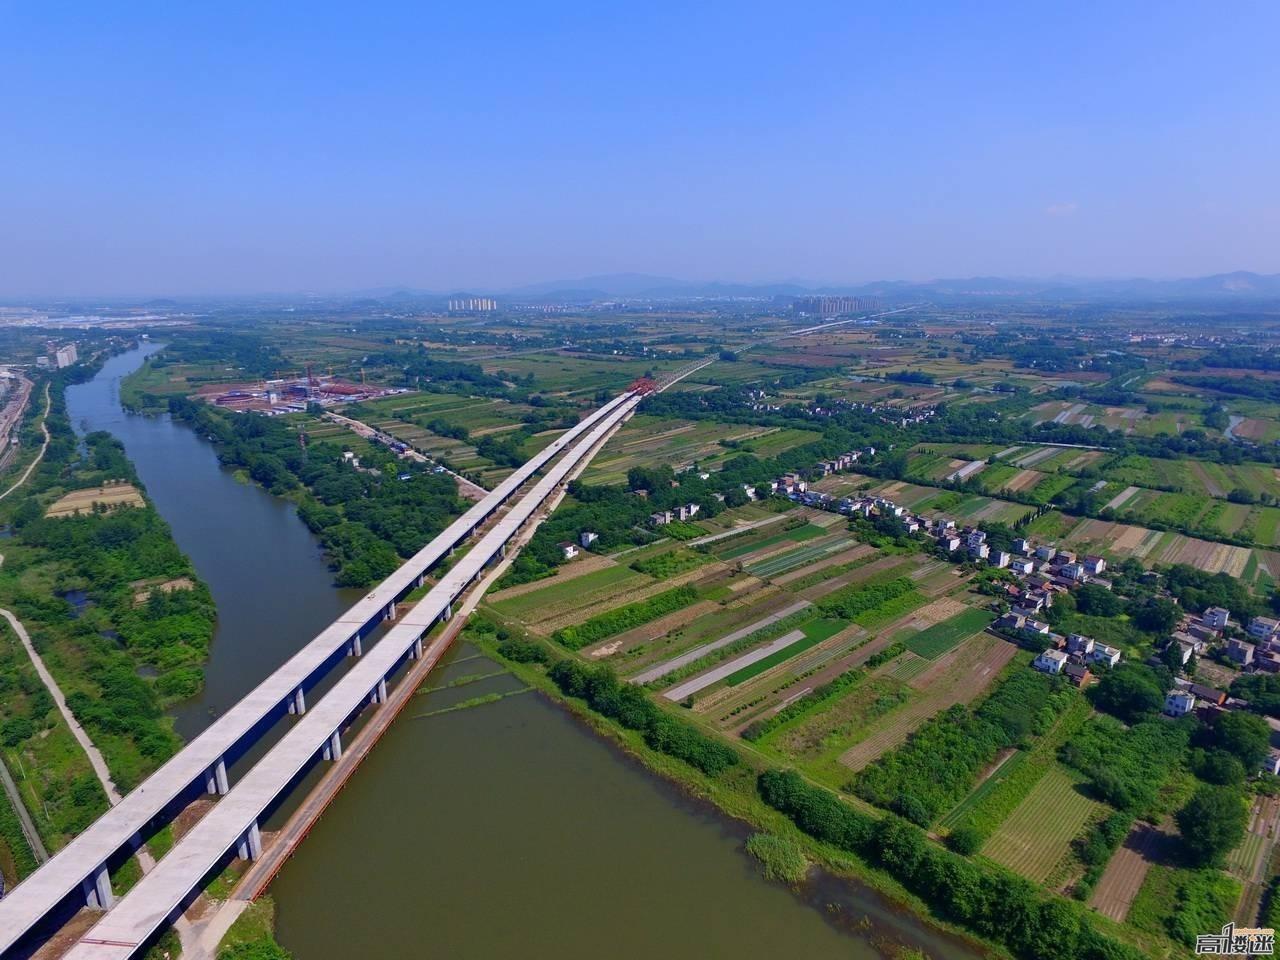 芜湖长江二桥规划图_芜湖长江二桥_360百科